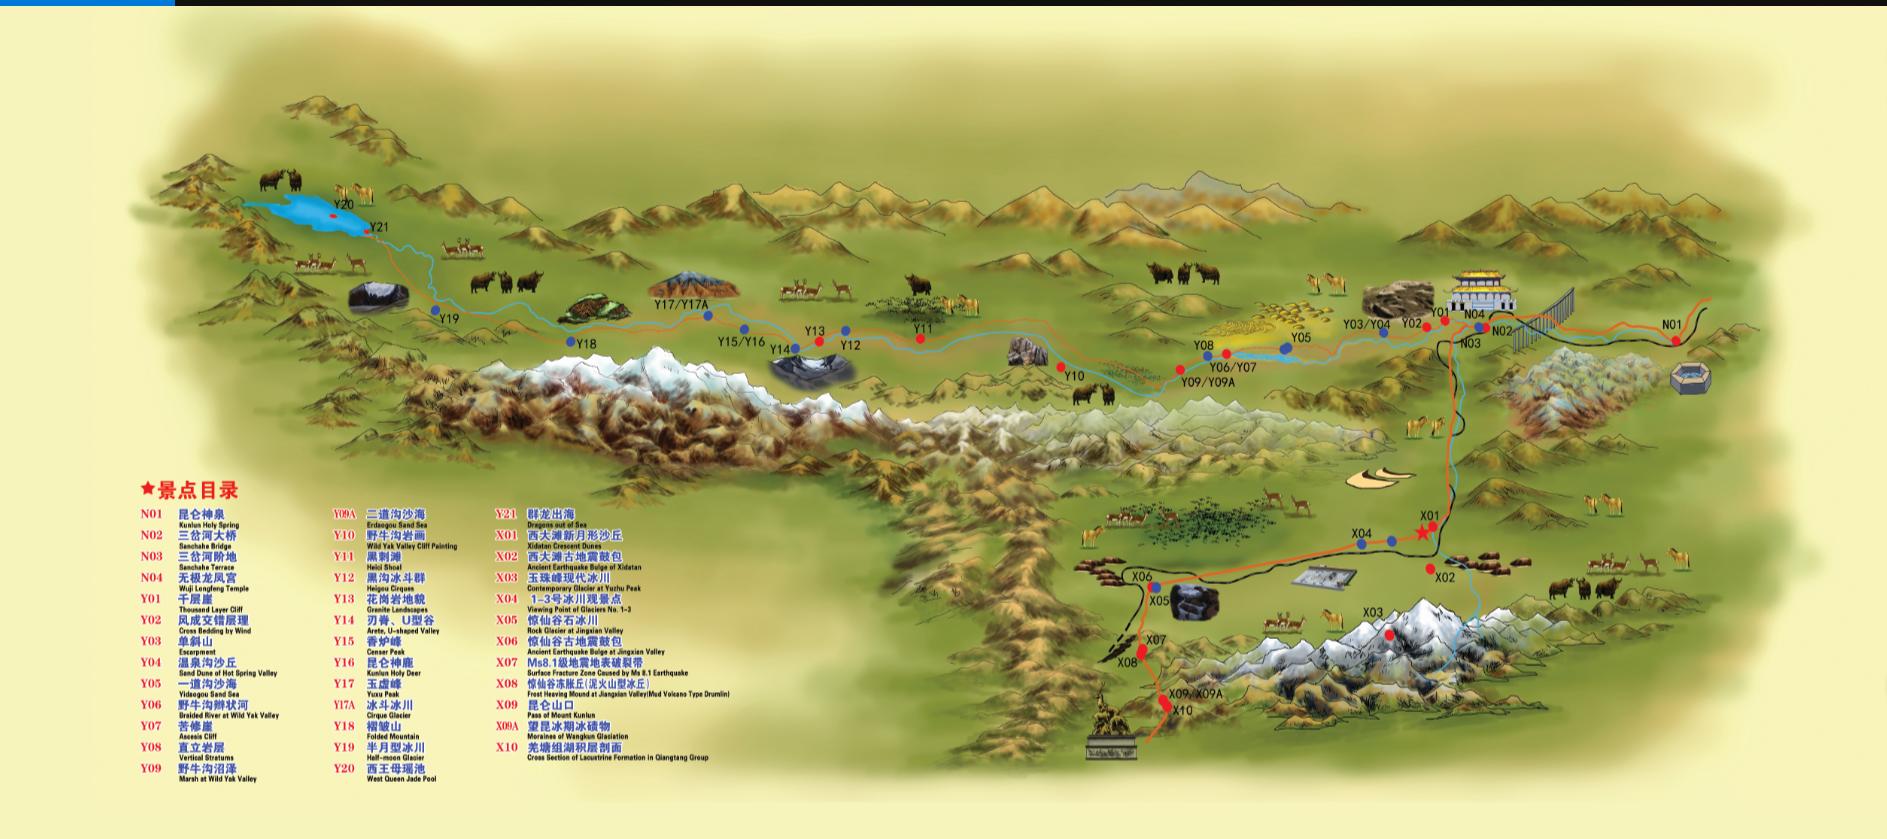 景区手绘地图设计 手绘地图定制 手绘地图